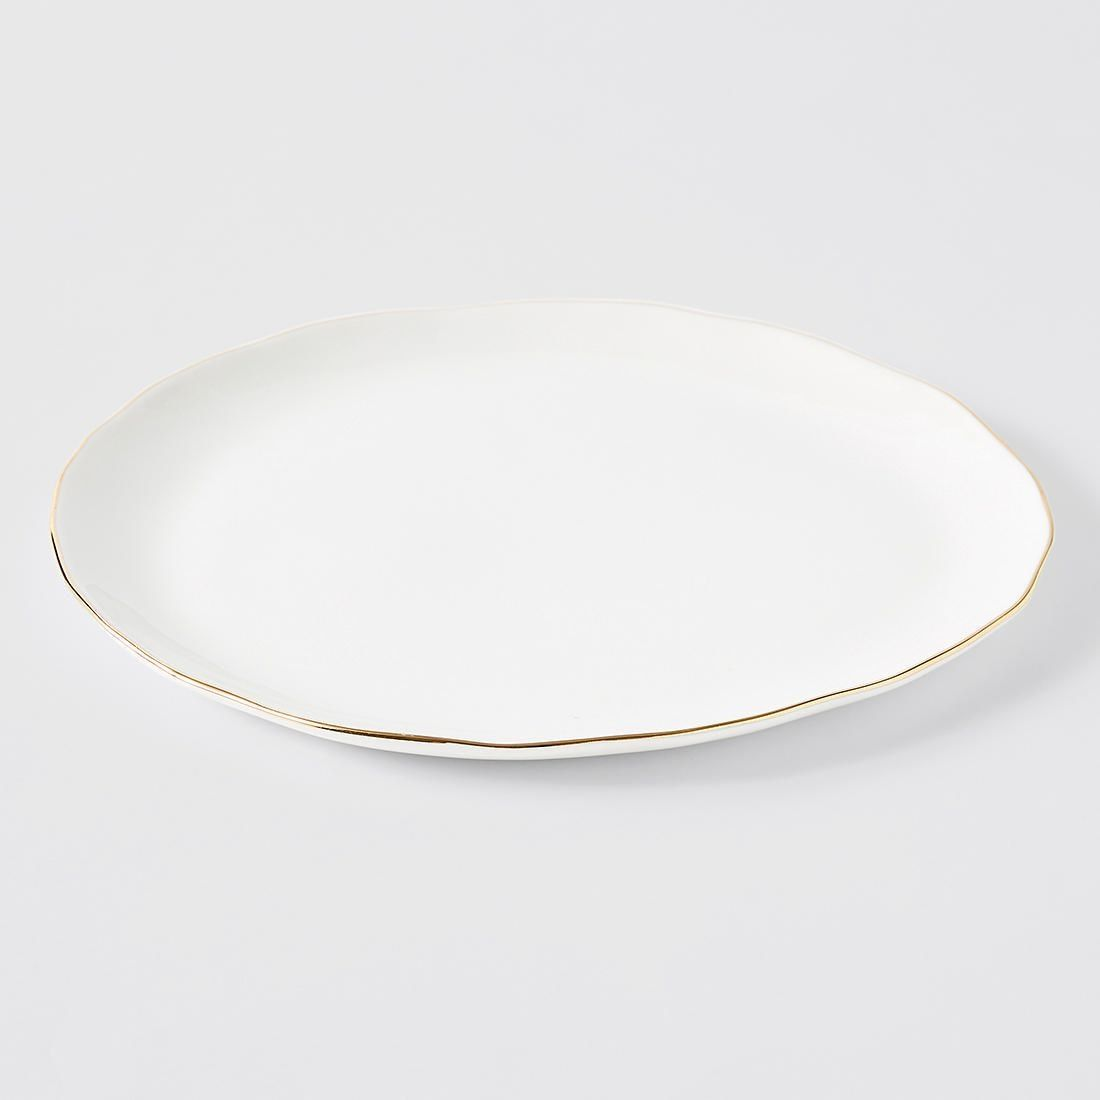 Gold Rim Dinner Plate Target Australia Dinner Plates Gold Rims Scandinavian Dinnerware